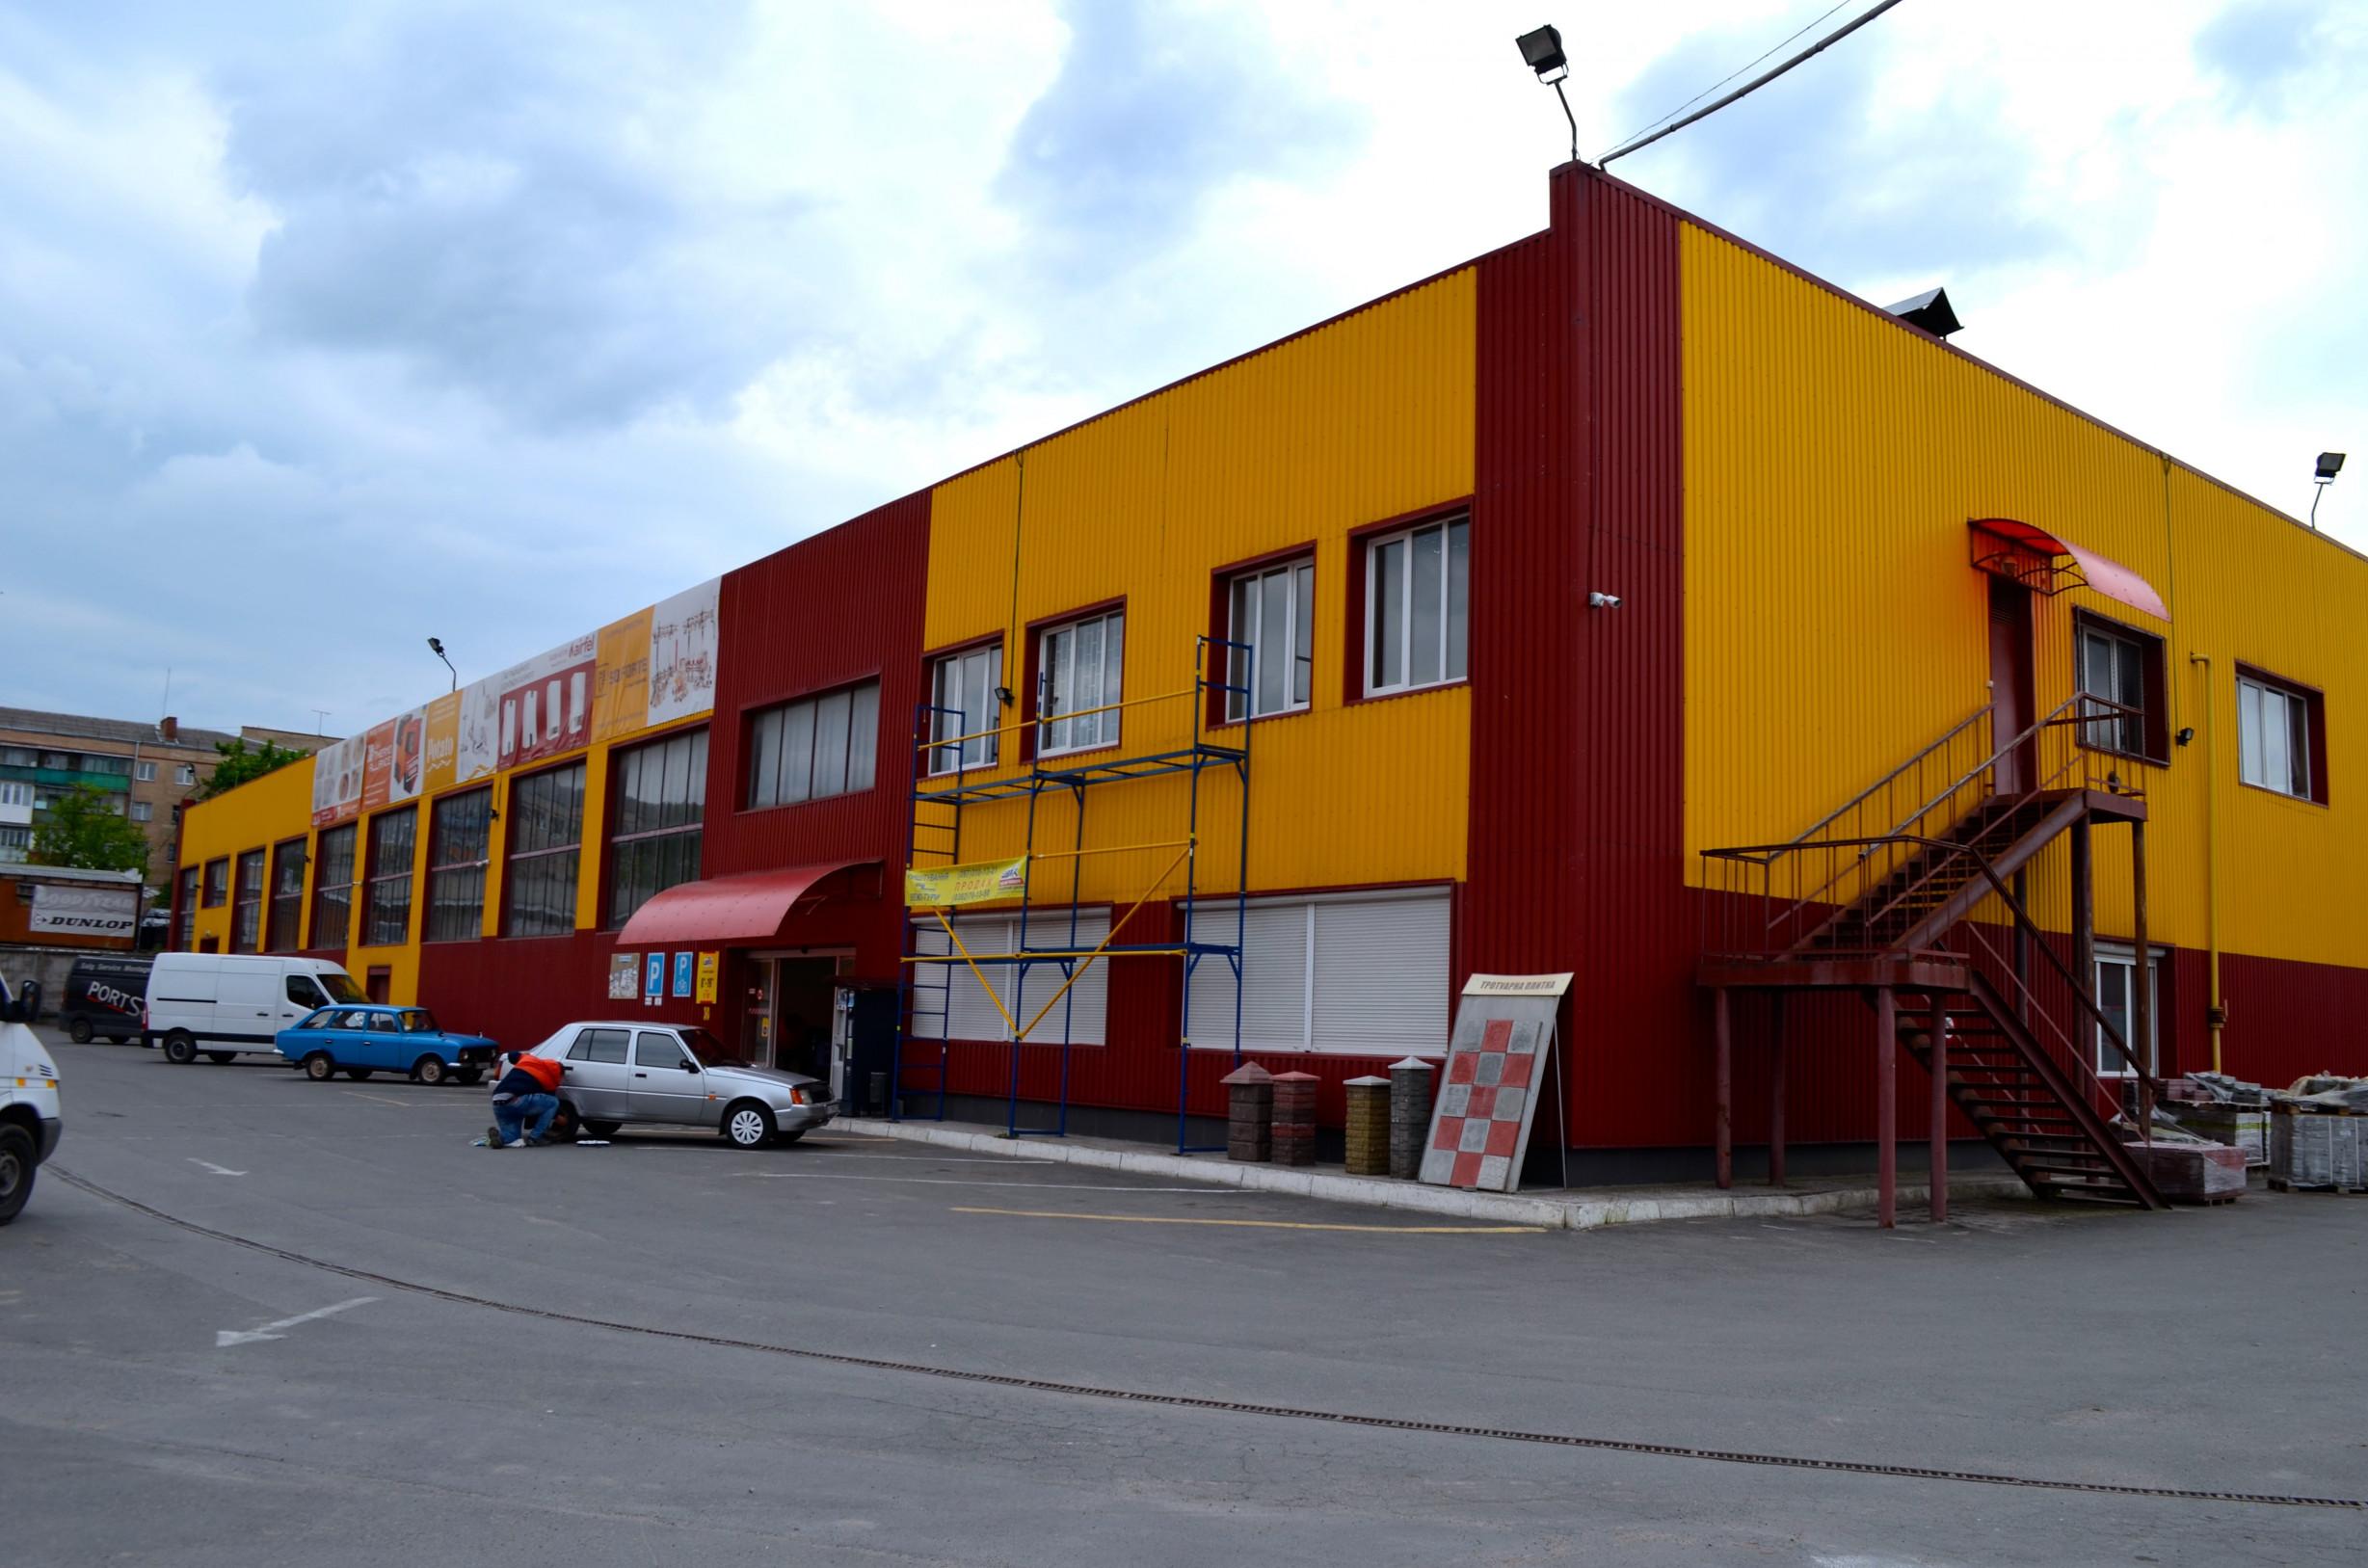 Реконструкція виробничого цеху під склад і магазин промислових товарів та будівельних матеріалів «Цвях»